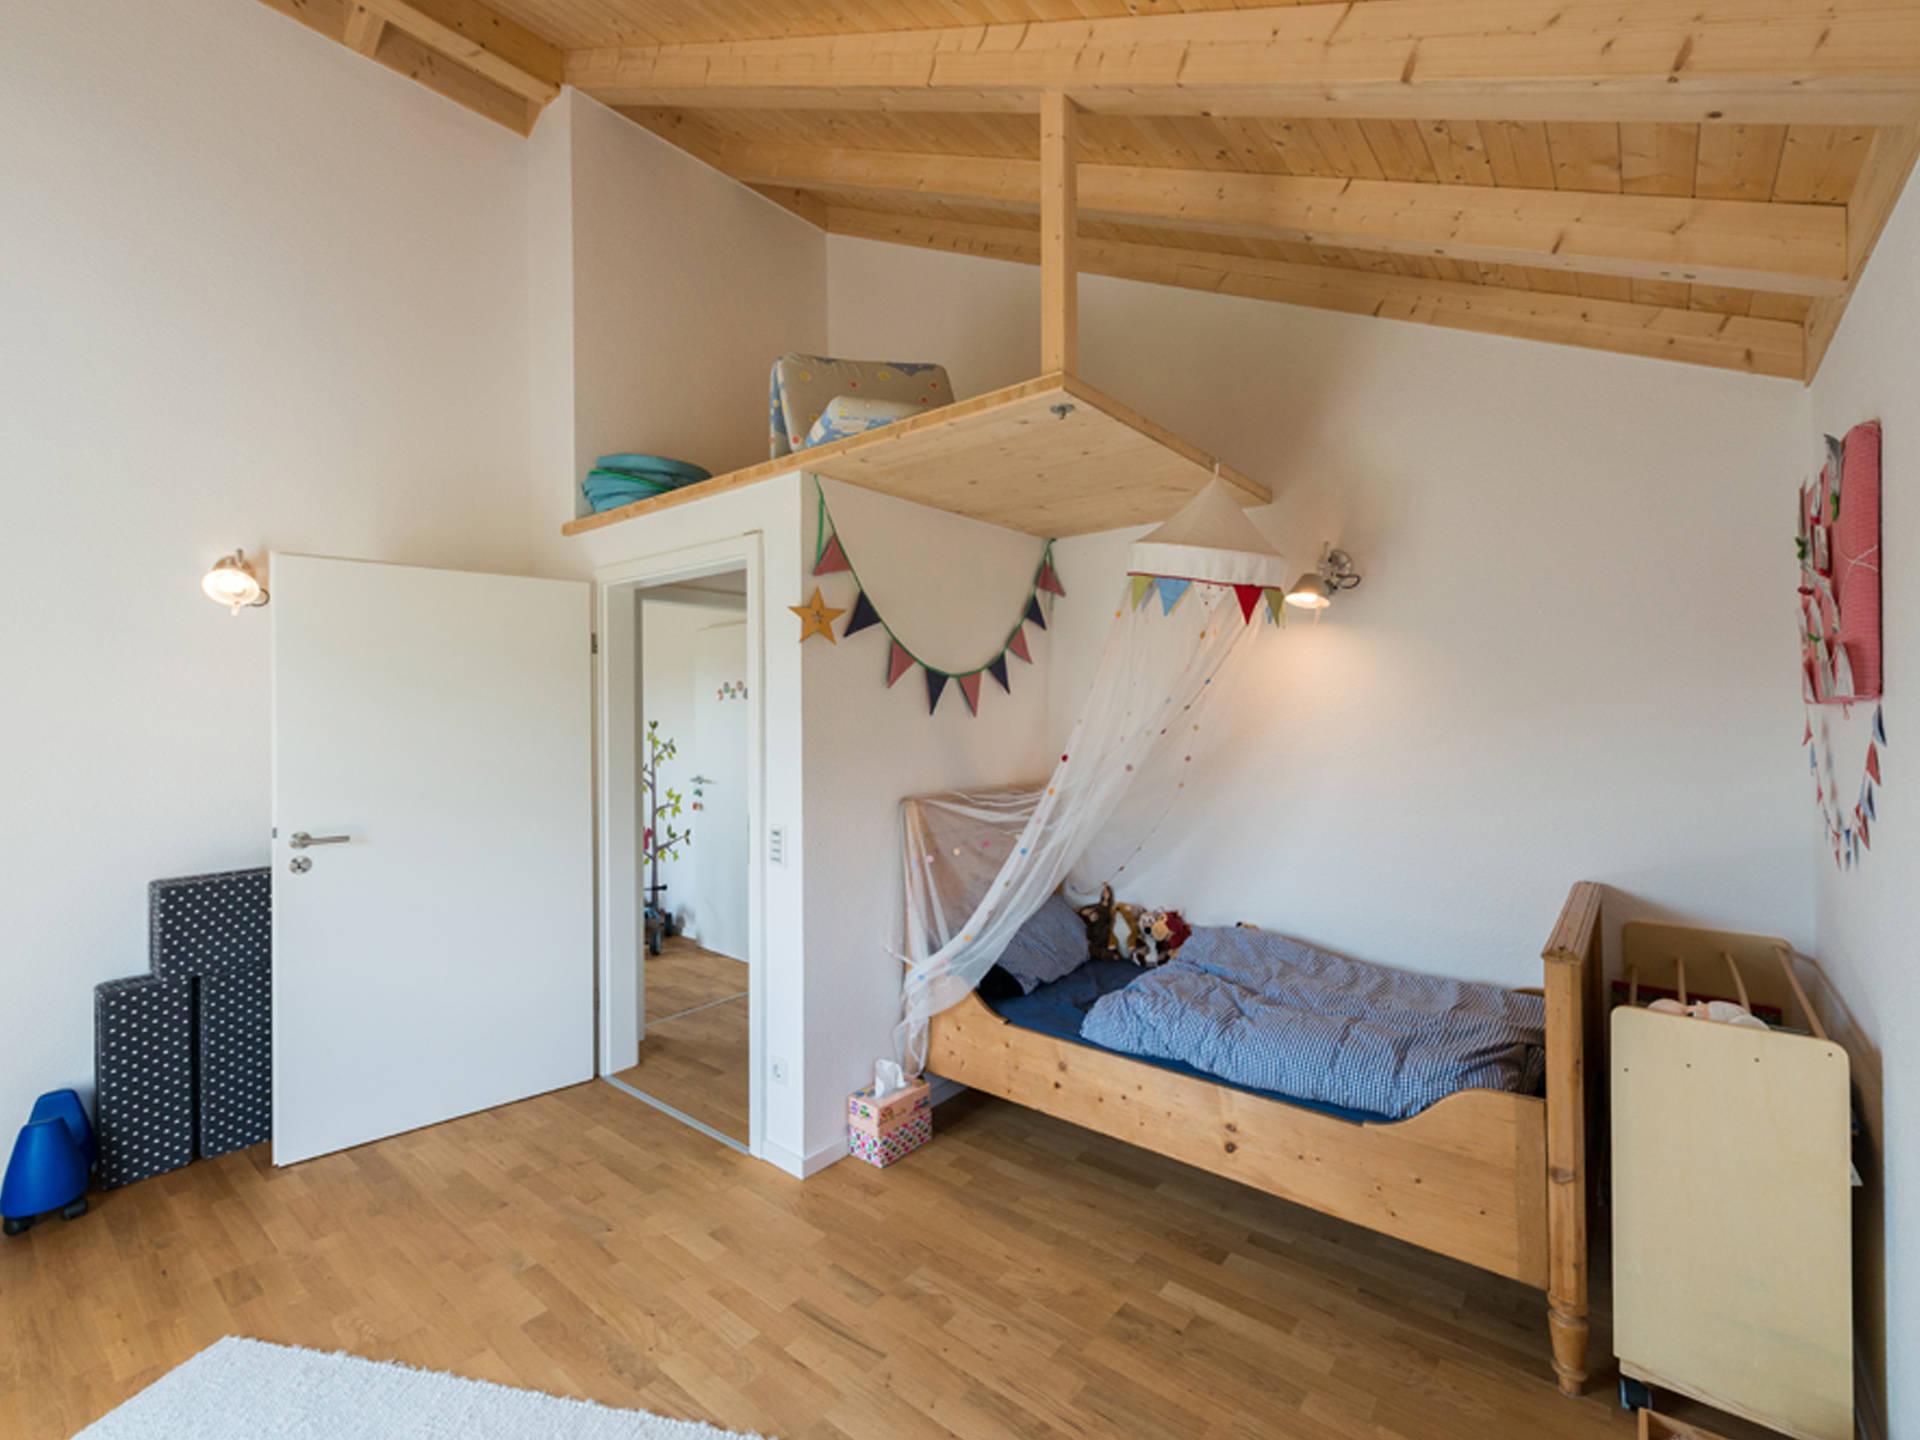 haus design 170 frammelsberger r ingenieur holzhaus. Black Bedroom Furniture Sets. Home Design Ideas